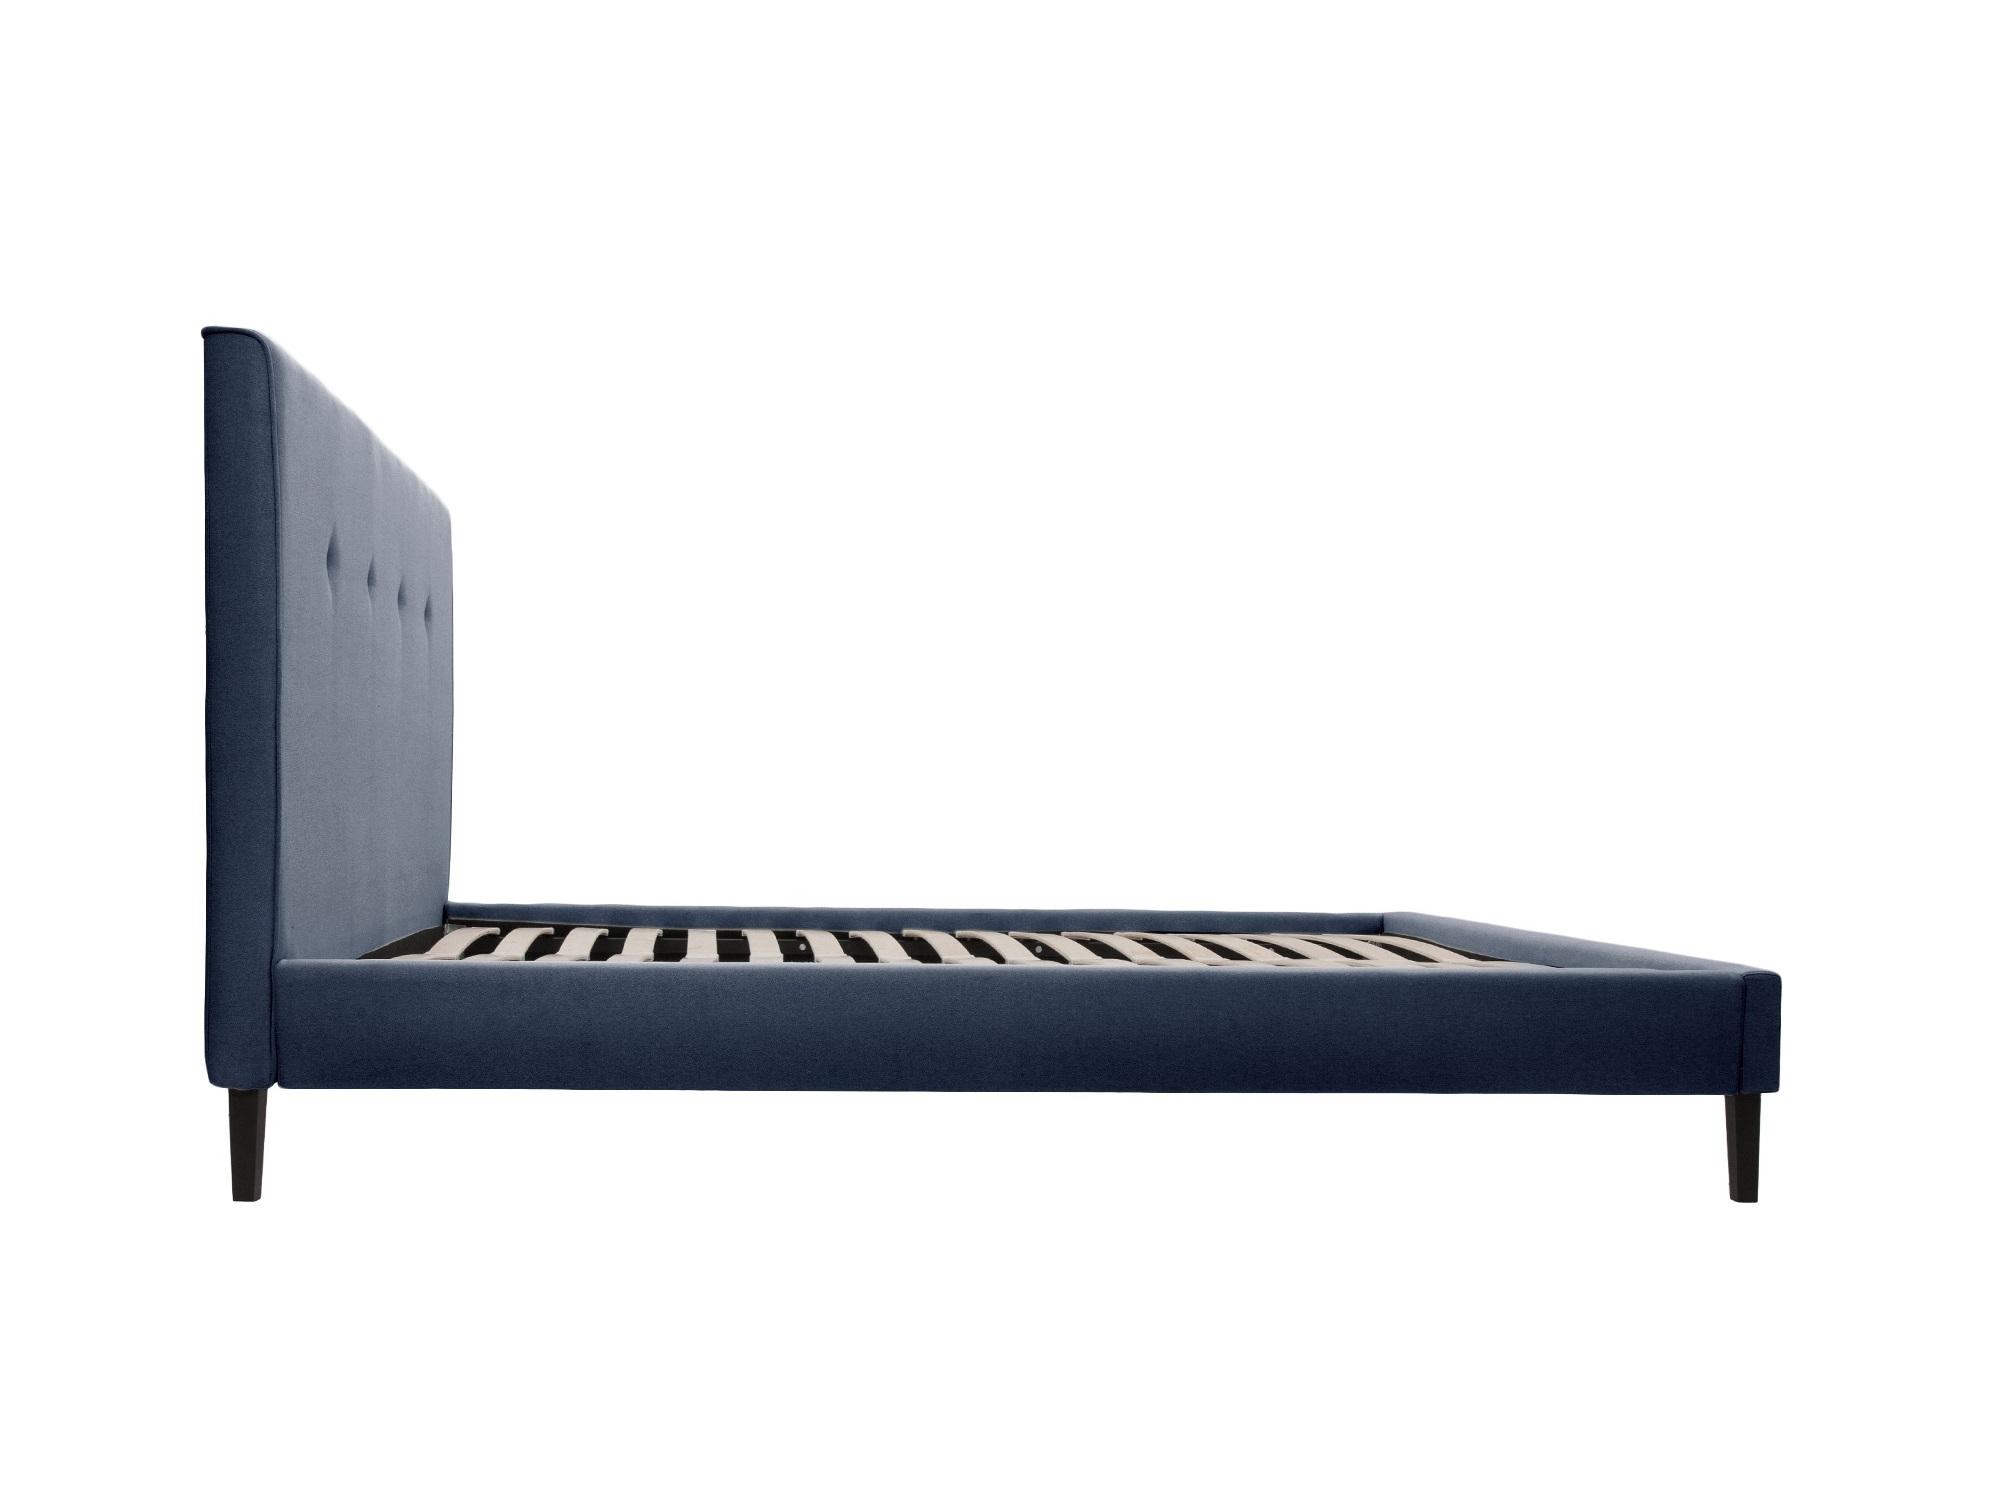 Кровать kyle (ml) синий 190.0x100.0x212.0 см. фото